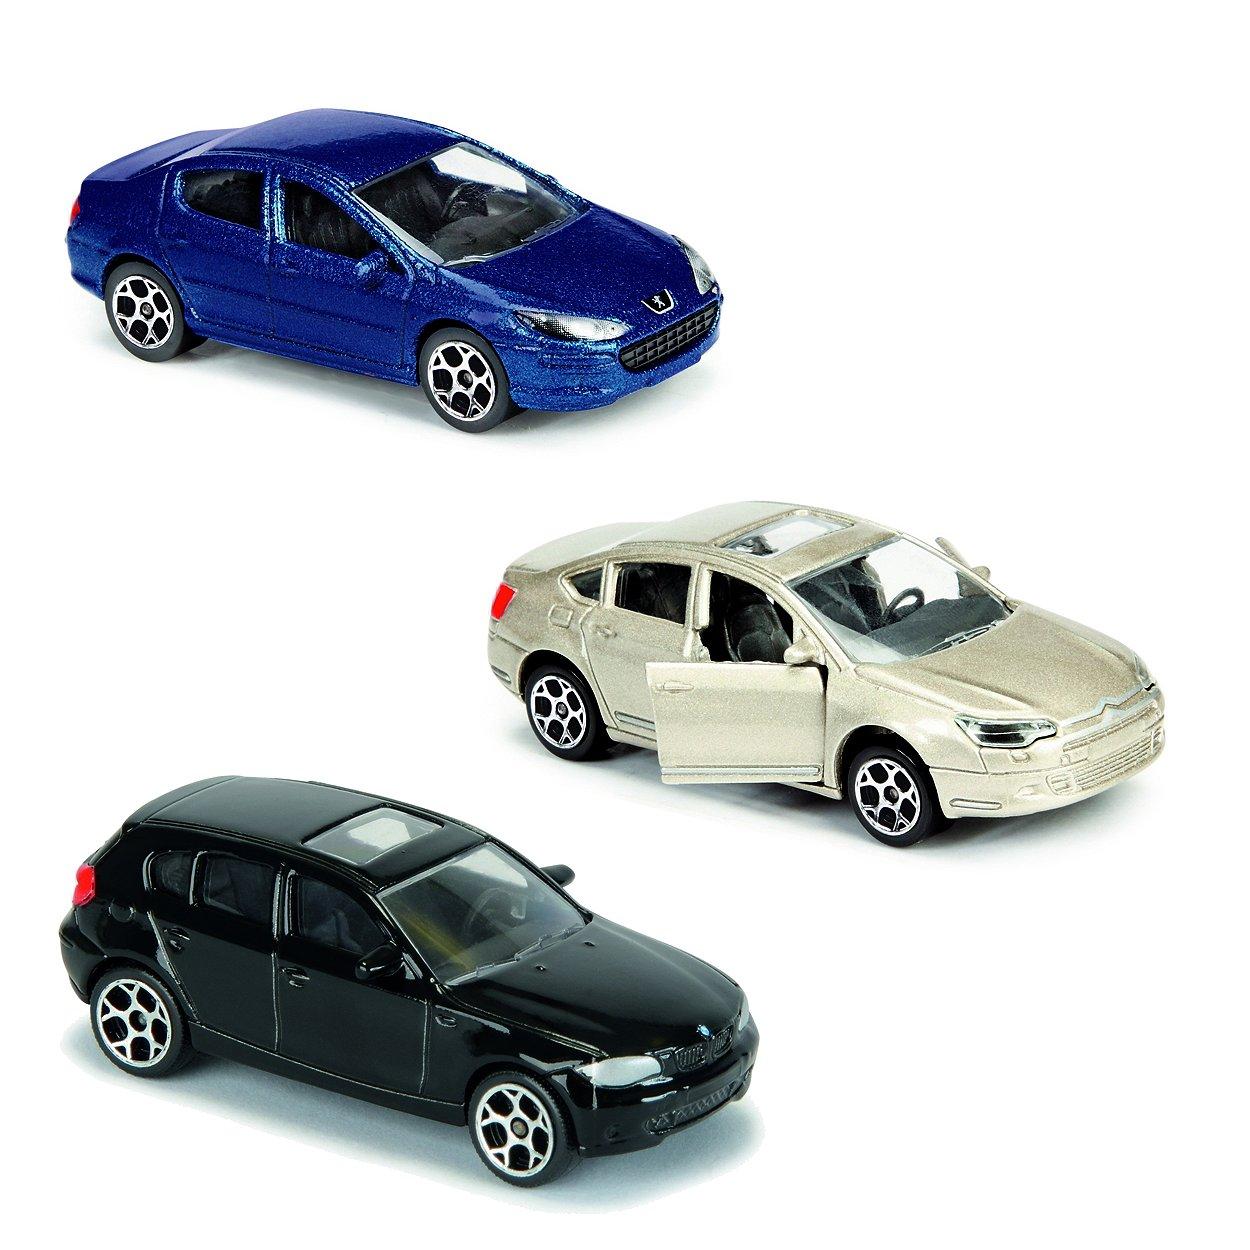 majorette pack de 3 voitures miniatures mod le al atoire comparer avec. Black Bedroom Furniture Sets. Home Design Ideas